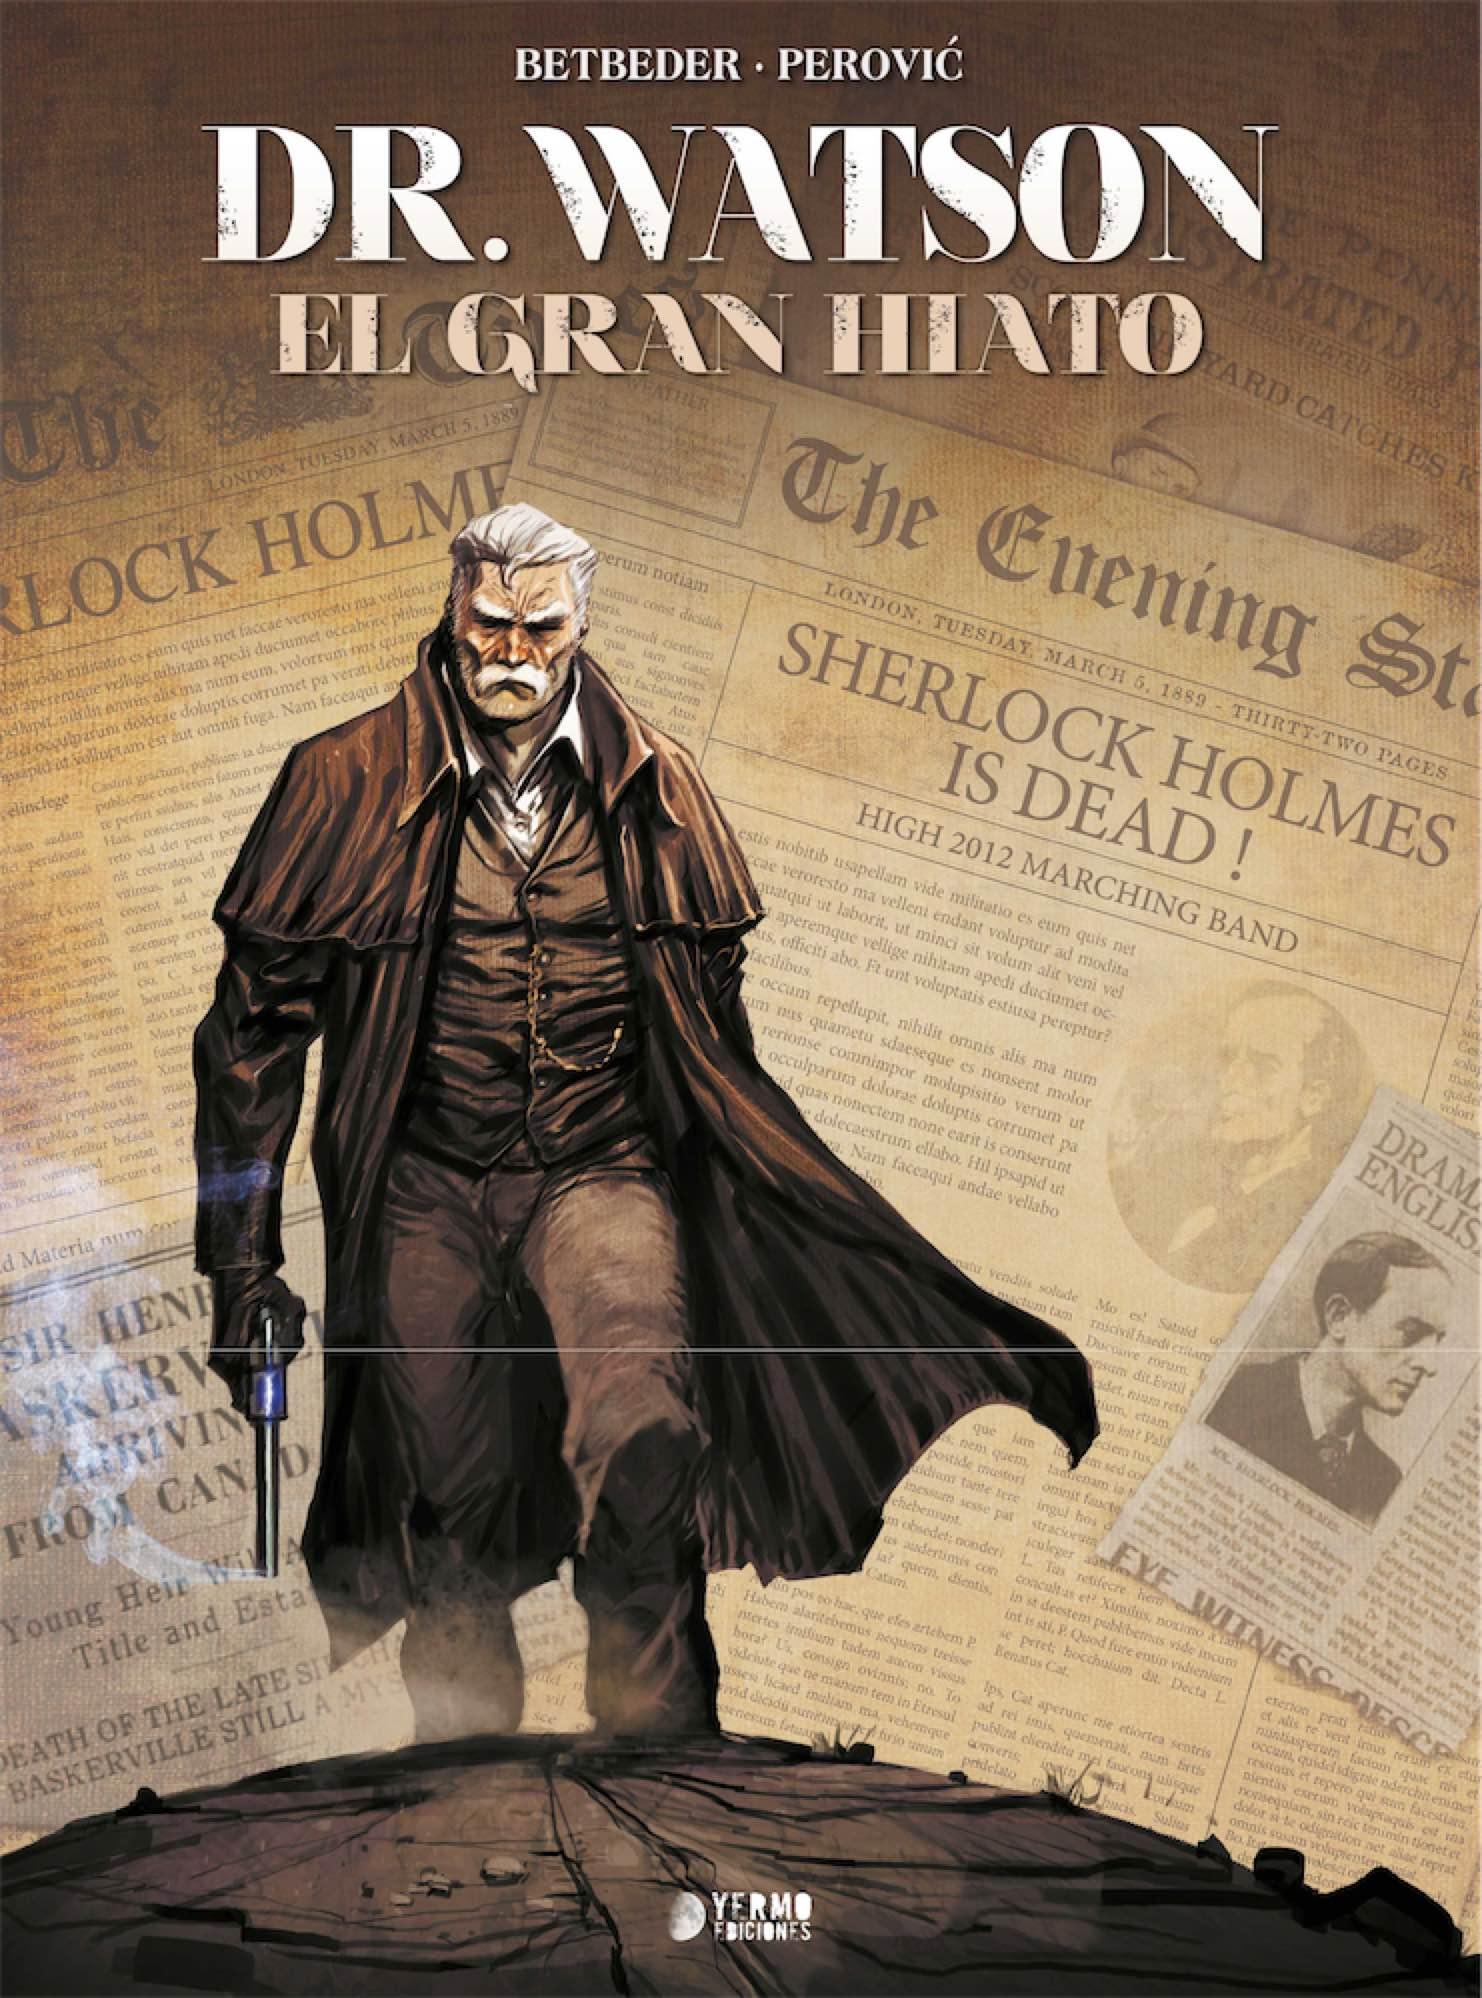 DR WATSON. EL GRAN HIATO